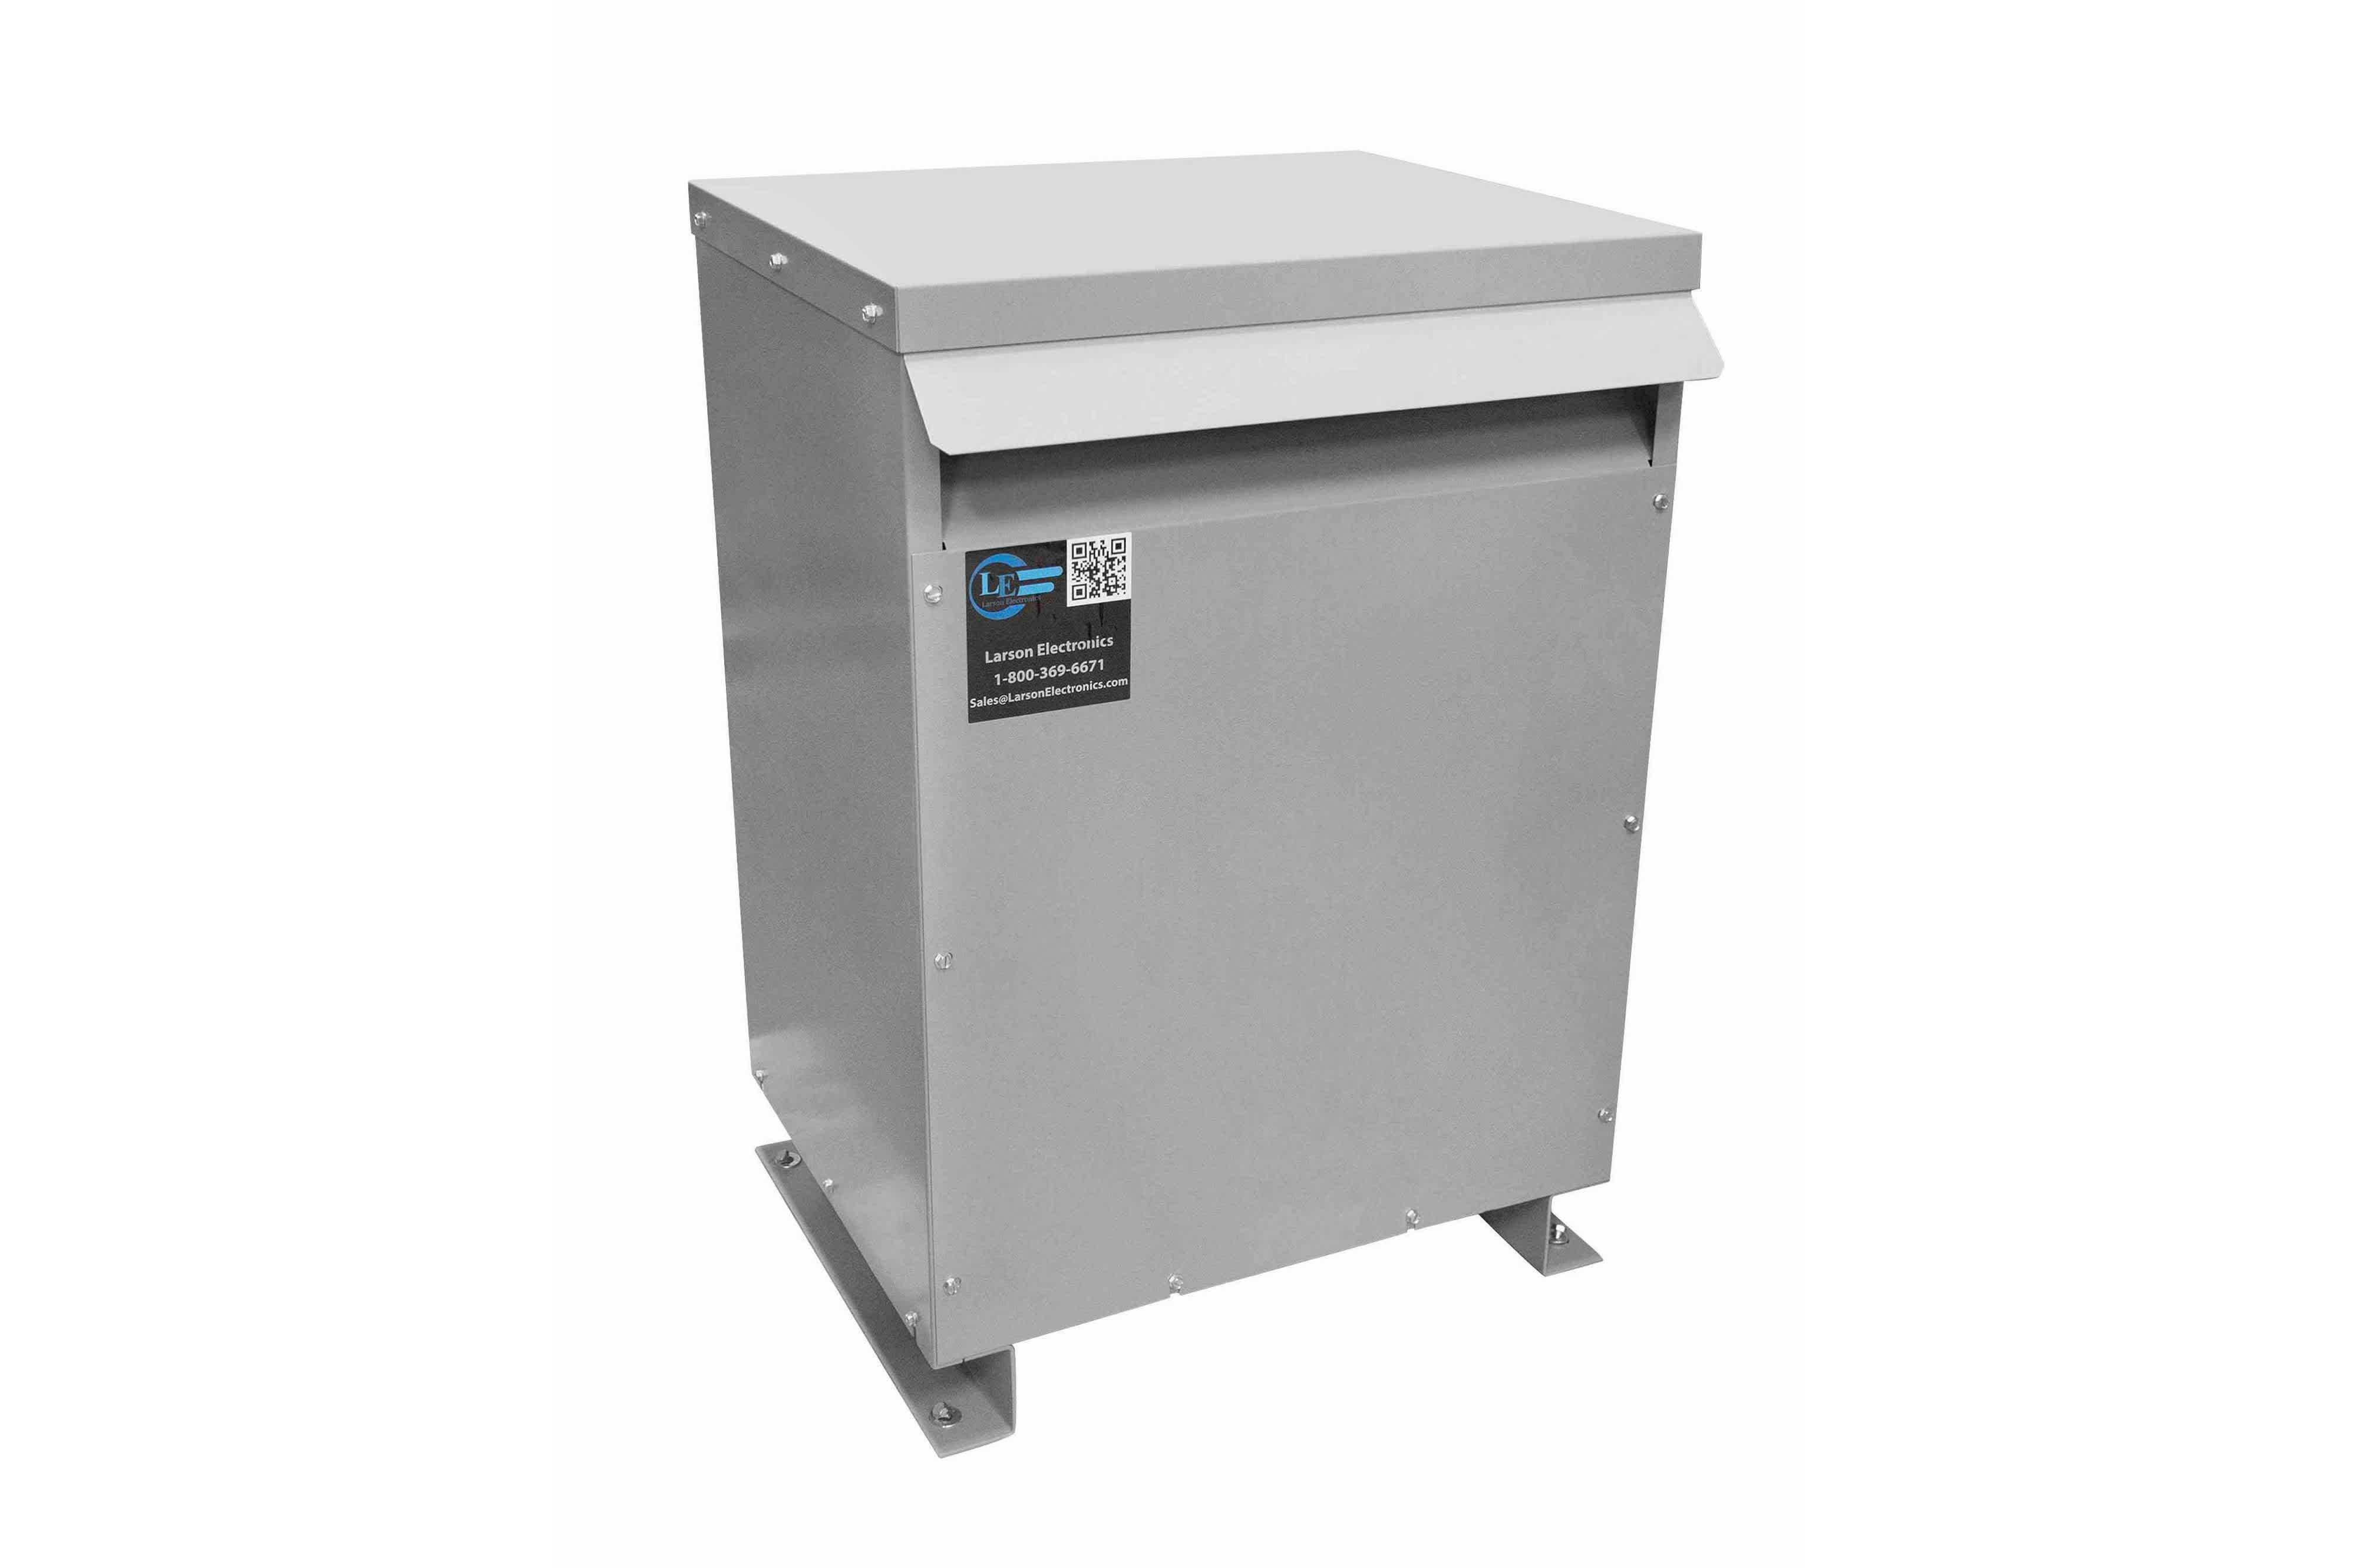 400 kVA 3PH Isolation Transformer, 240V Delta Primary, 415V Delta Secondary, N3R, Ventilated, 60 Hz